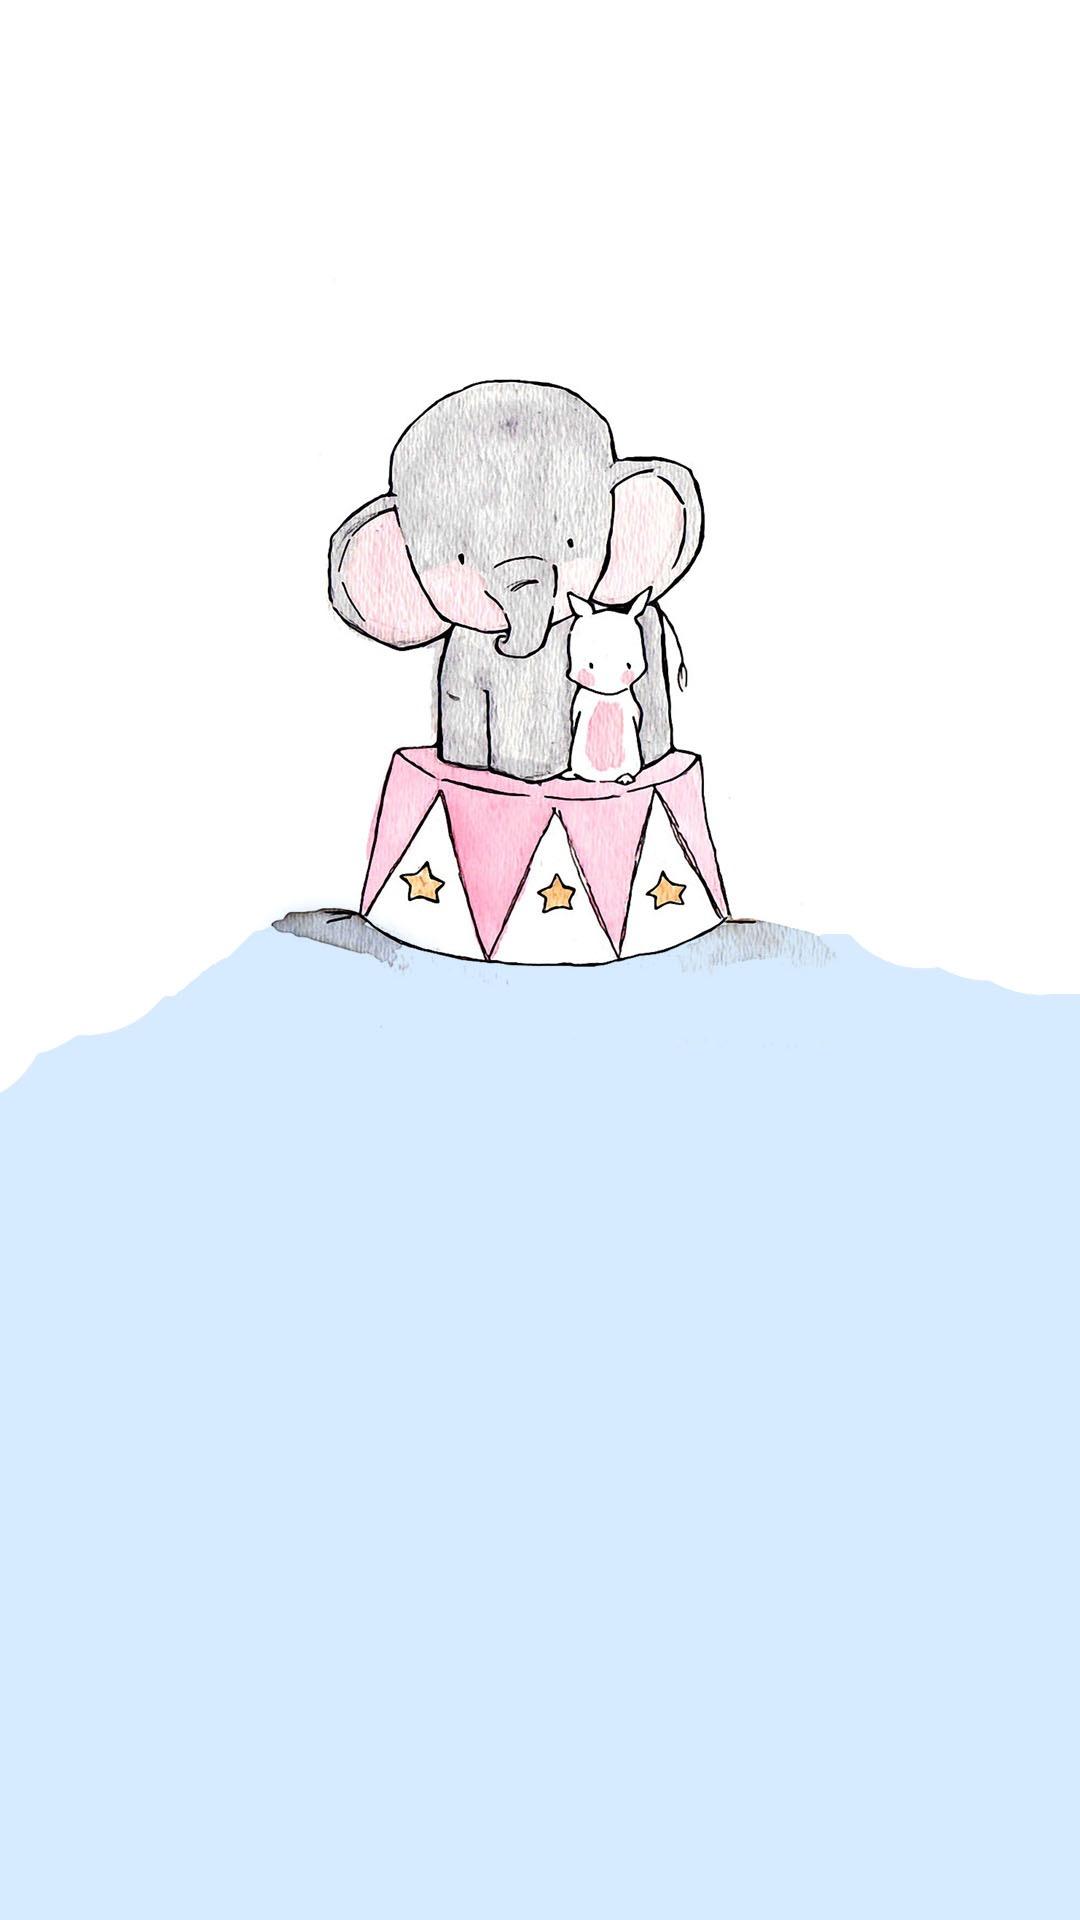 插画 手绘 大象 马戏团 兔子 可爱 蓝色